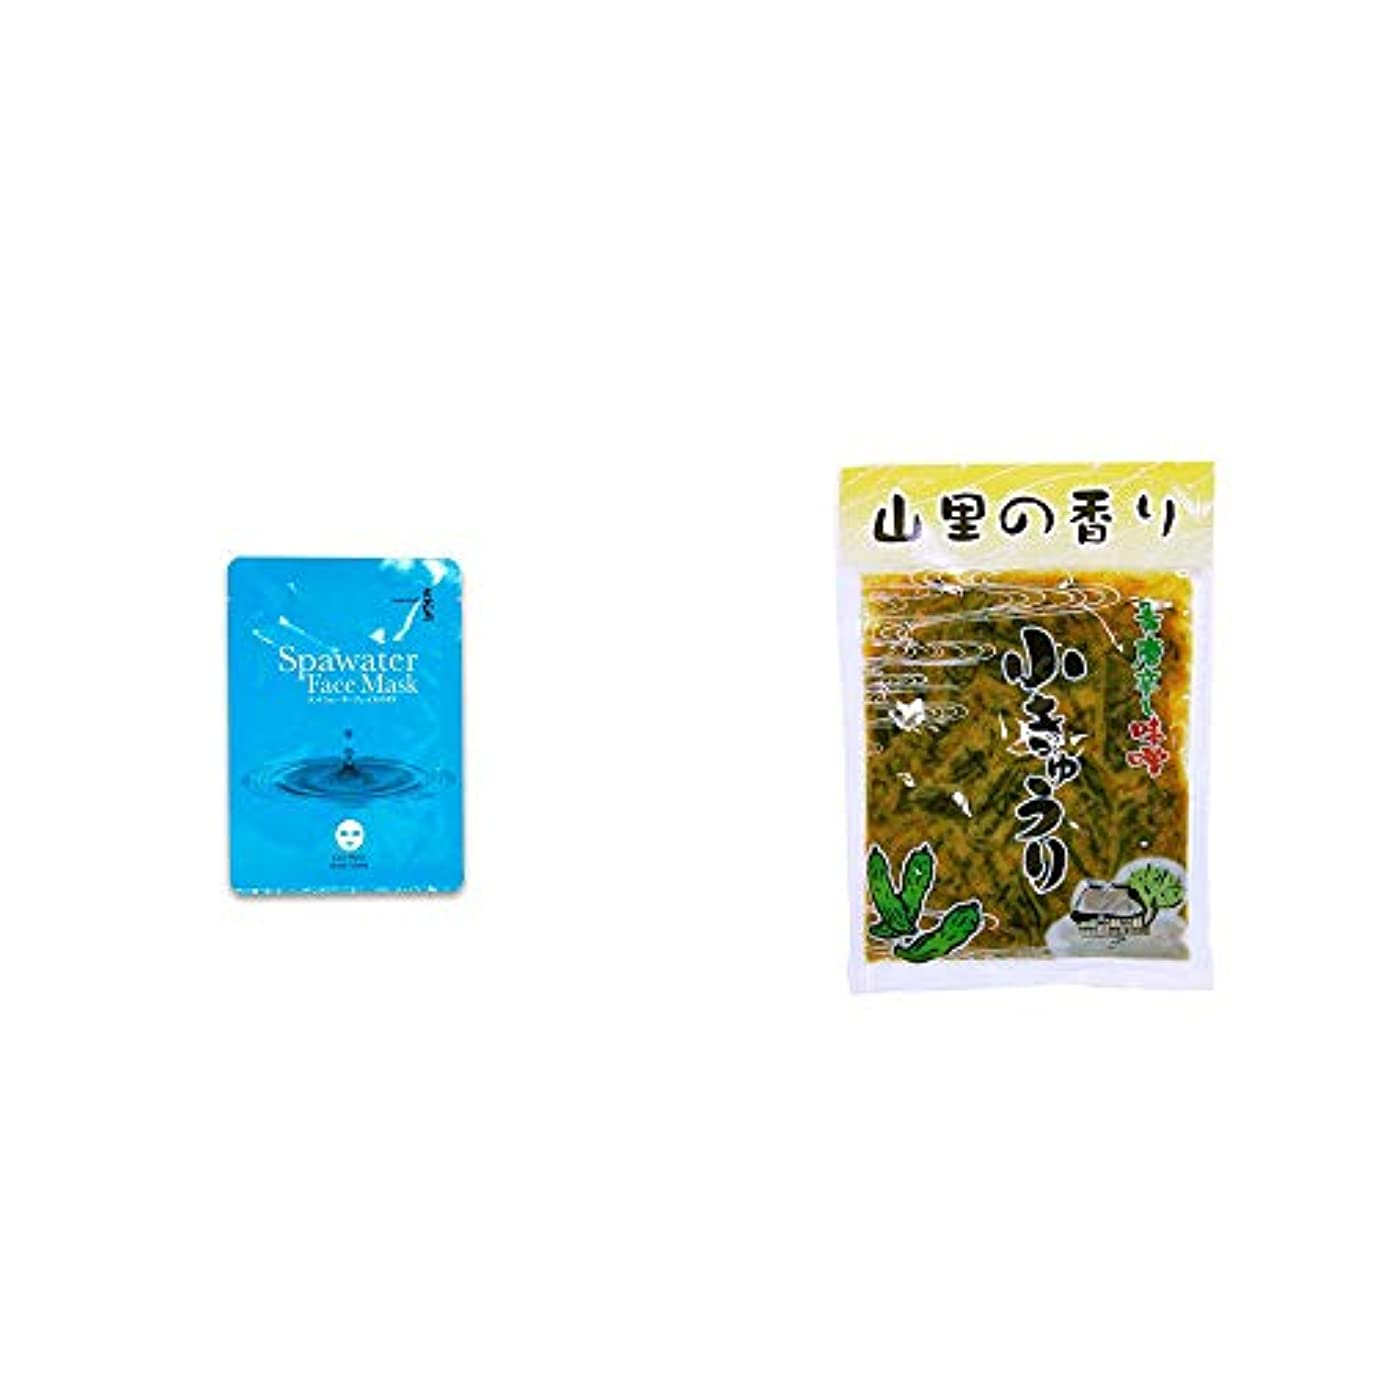 陰謀余韻保証[2点セット] ひのき炭黒泉 スパウォーターフェイスマスク(18ml×3枚入)?山里の香り 青唐辛し味噌 小きゅうり(250g)